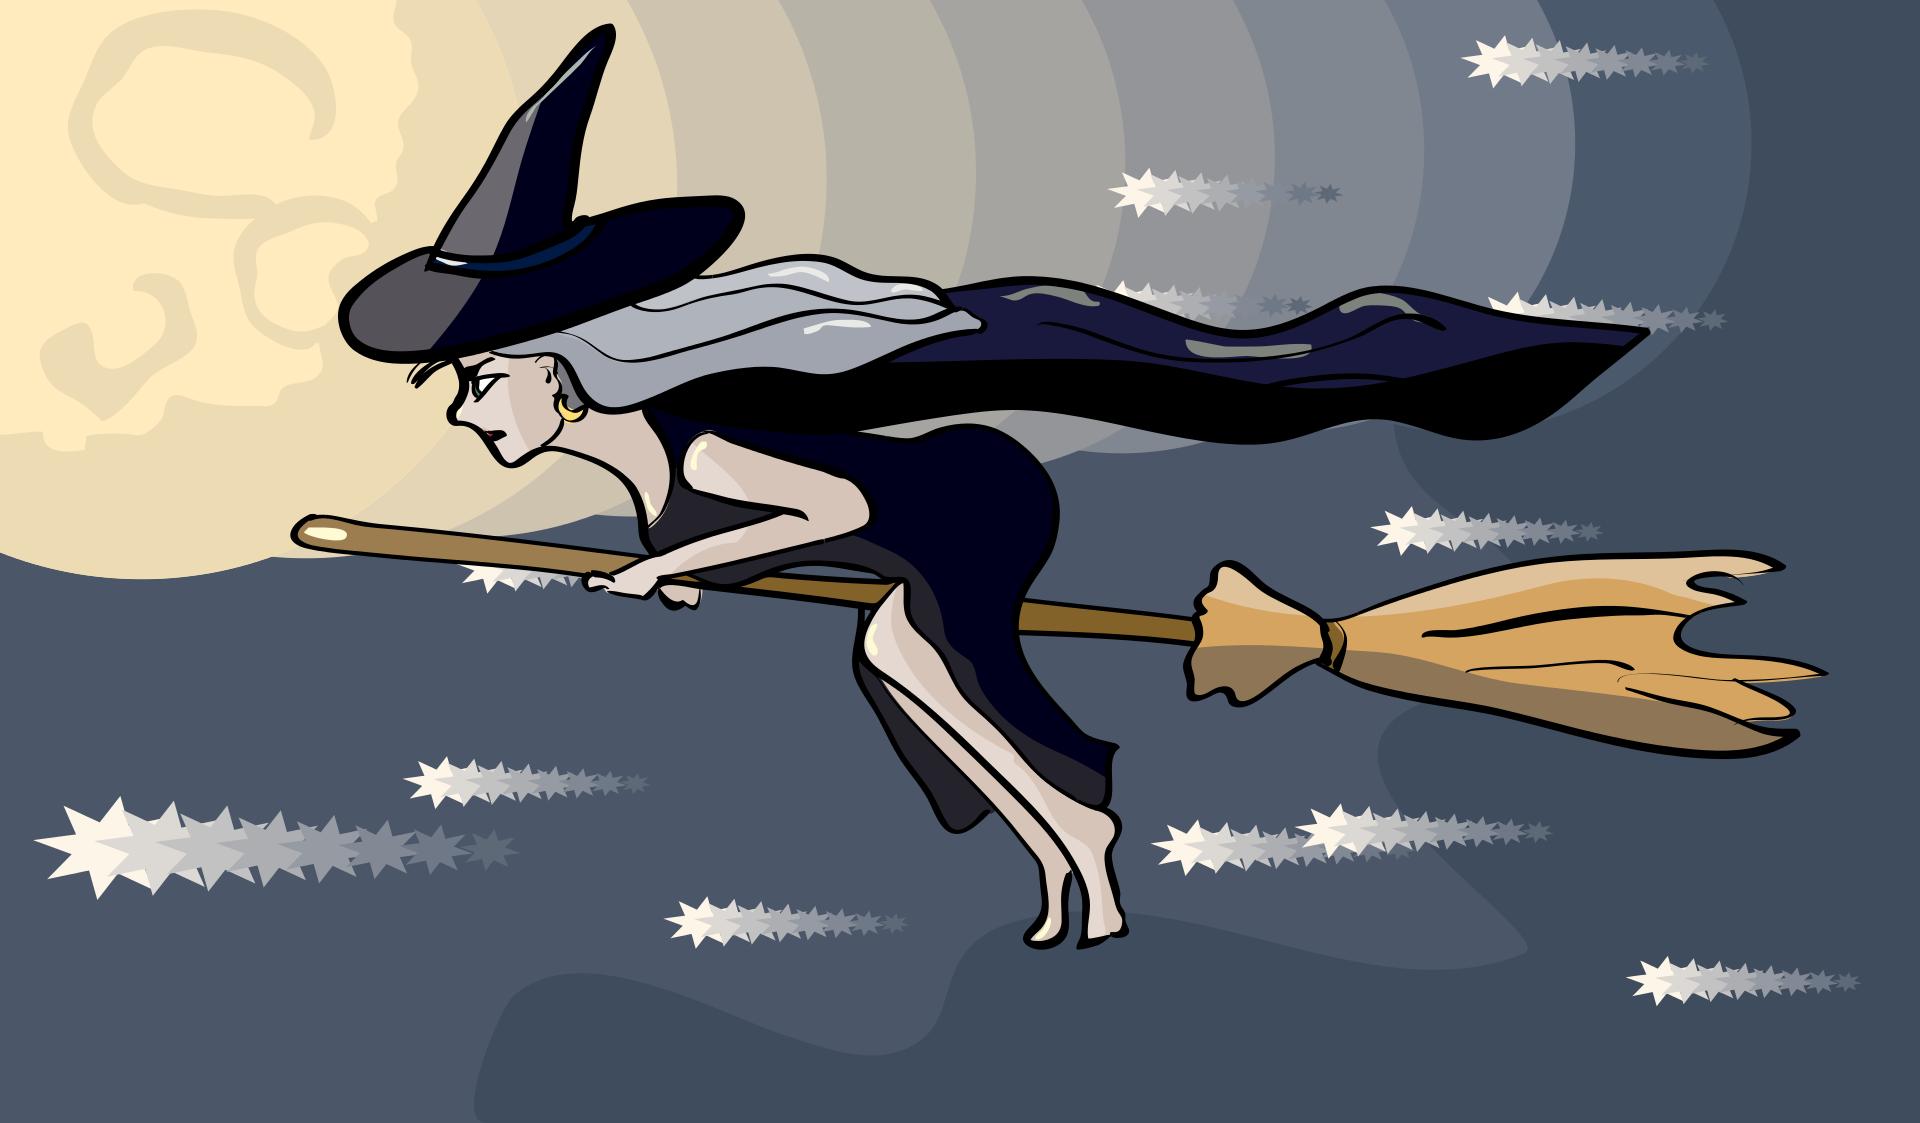 Картинка с ведьмой на метле с надписью, прикольные